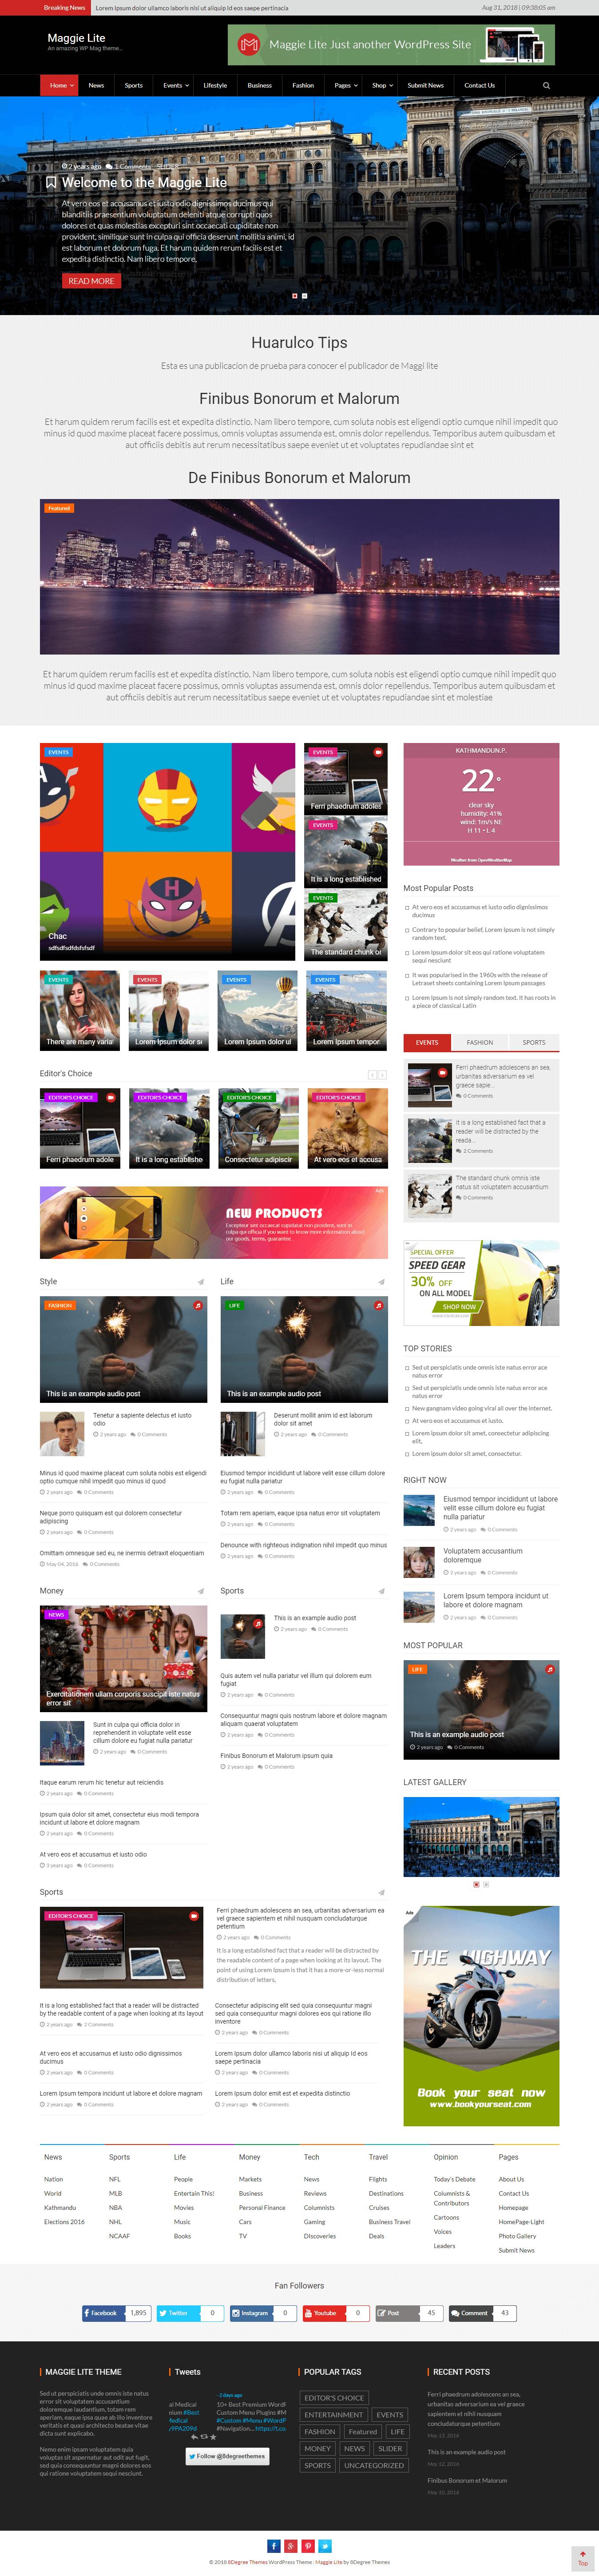 Maggie Lite - Najlepšie bezplatné témy pre službu AdSense pre WordPress